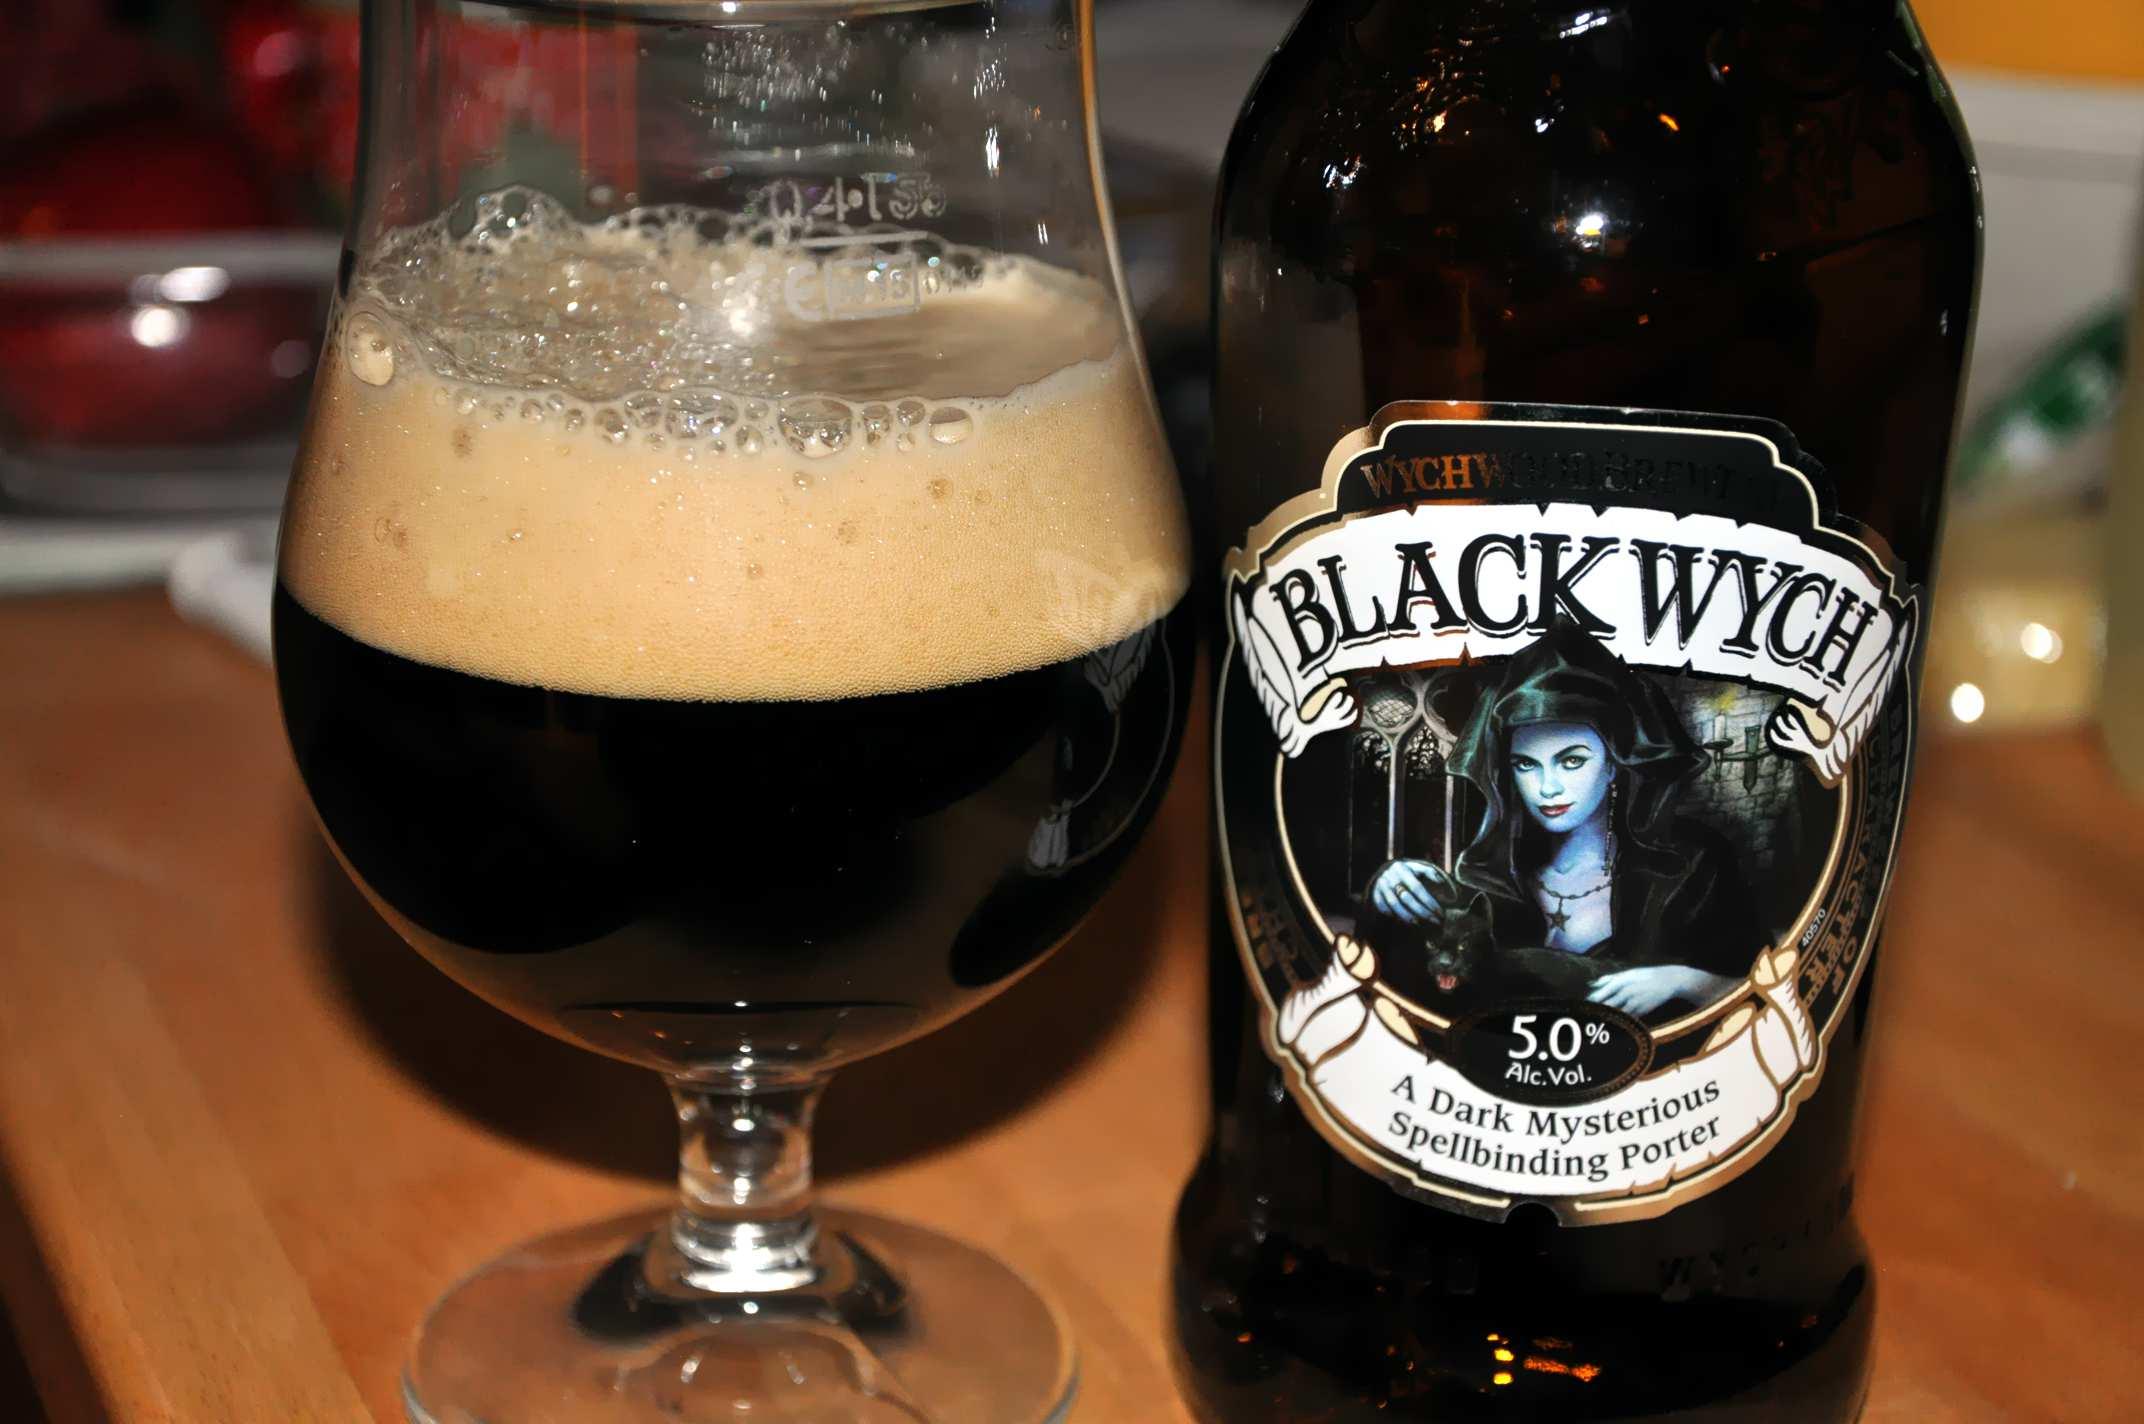 Wychwood_BlackWych